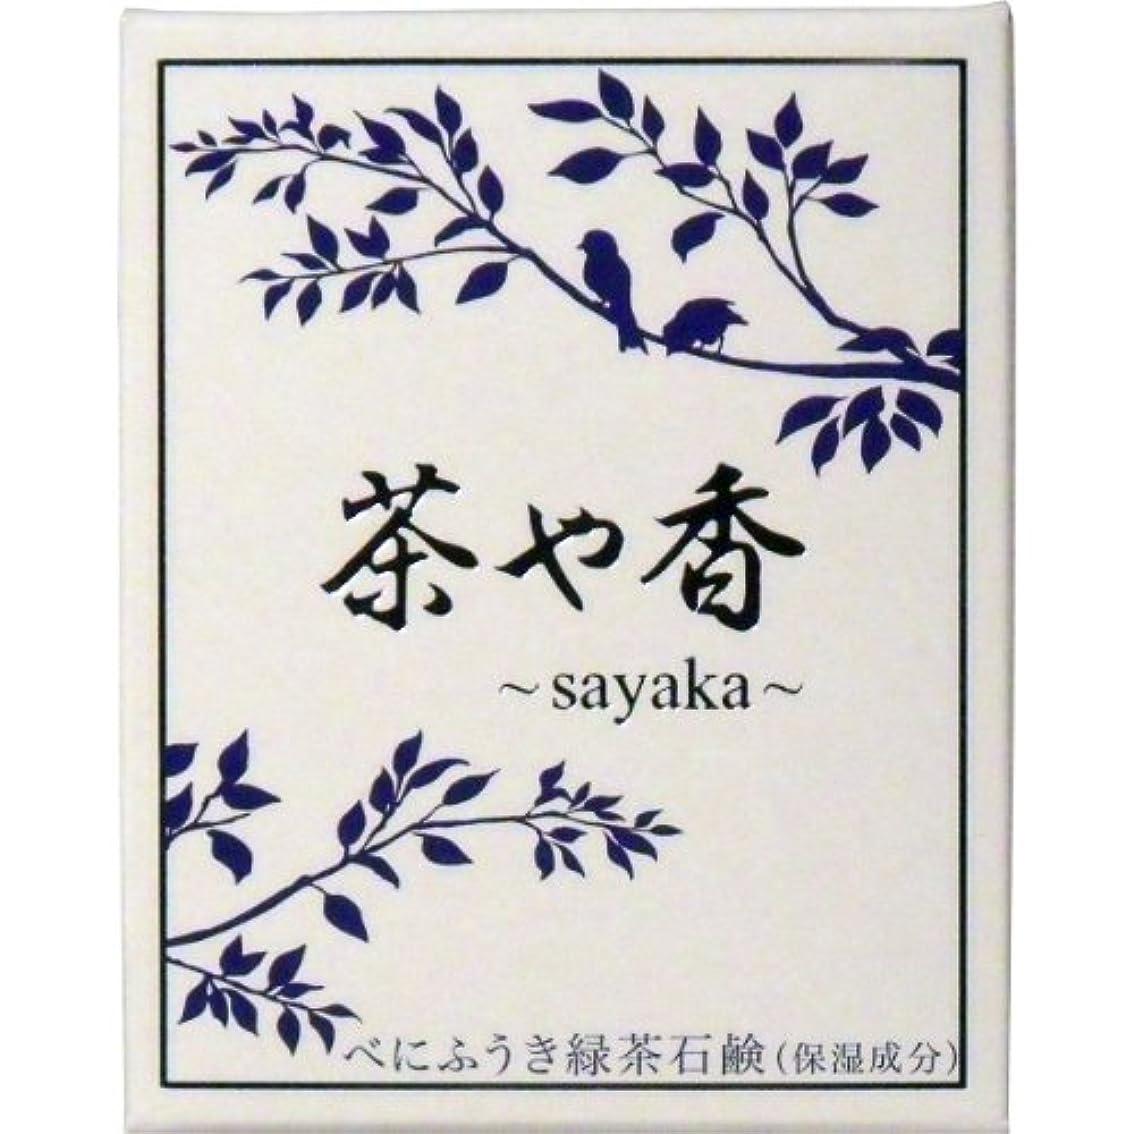 トリムブレス成功する進製作所 べにふうき緑茶石鹸 茶や香~sayaka~ 100g